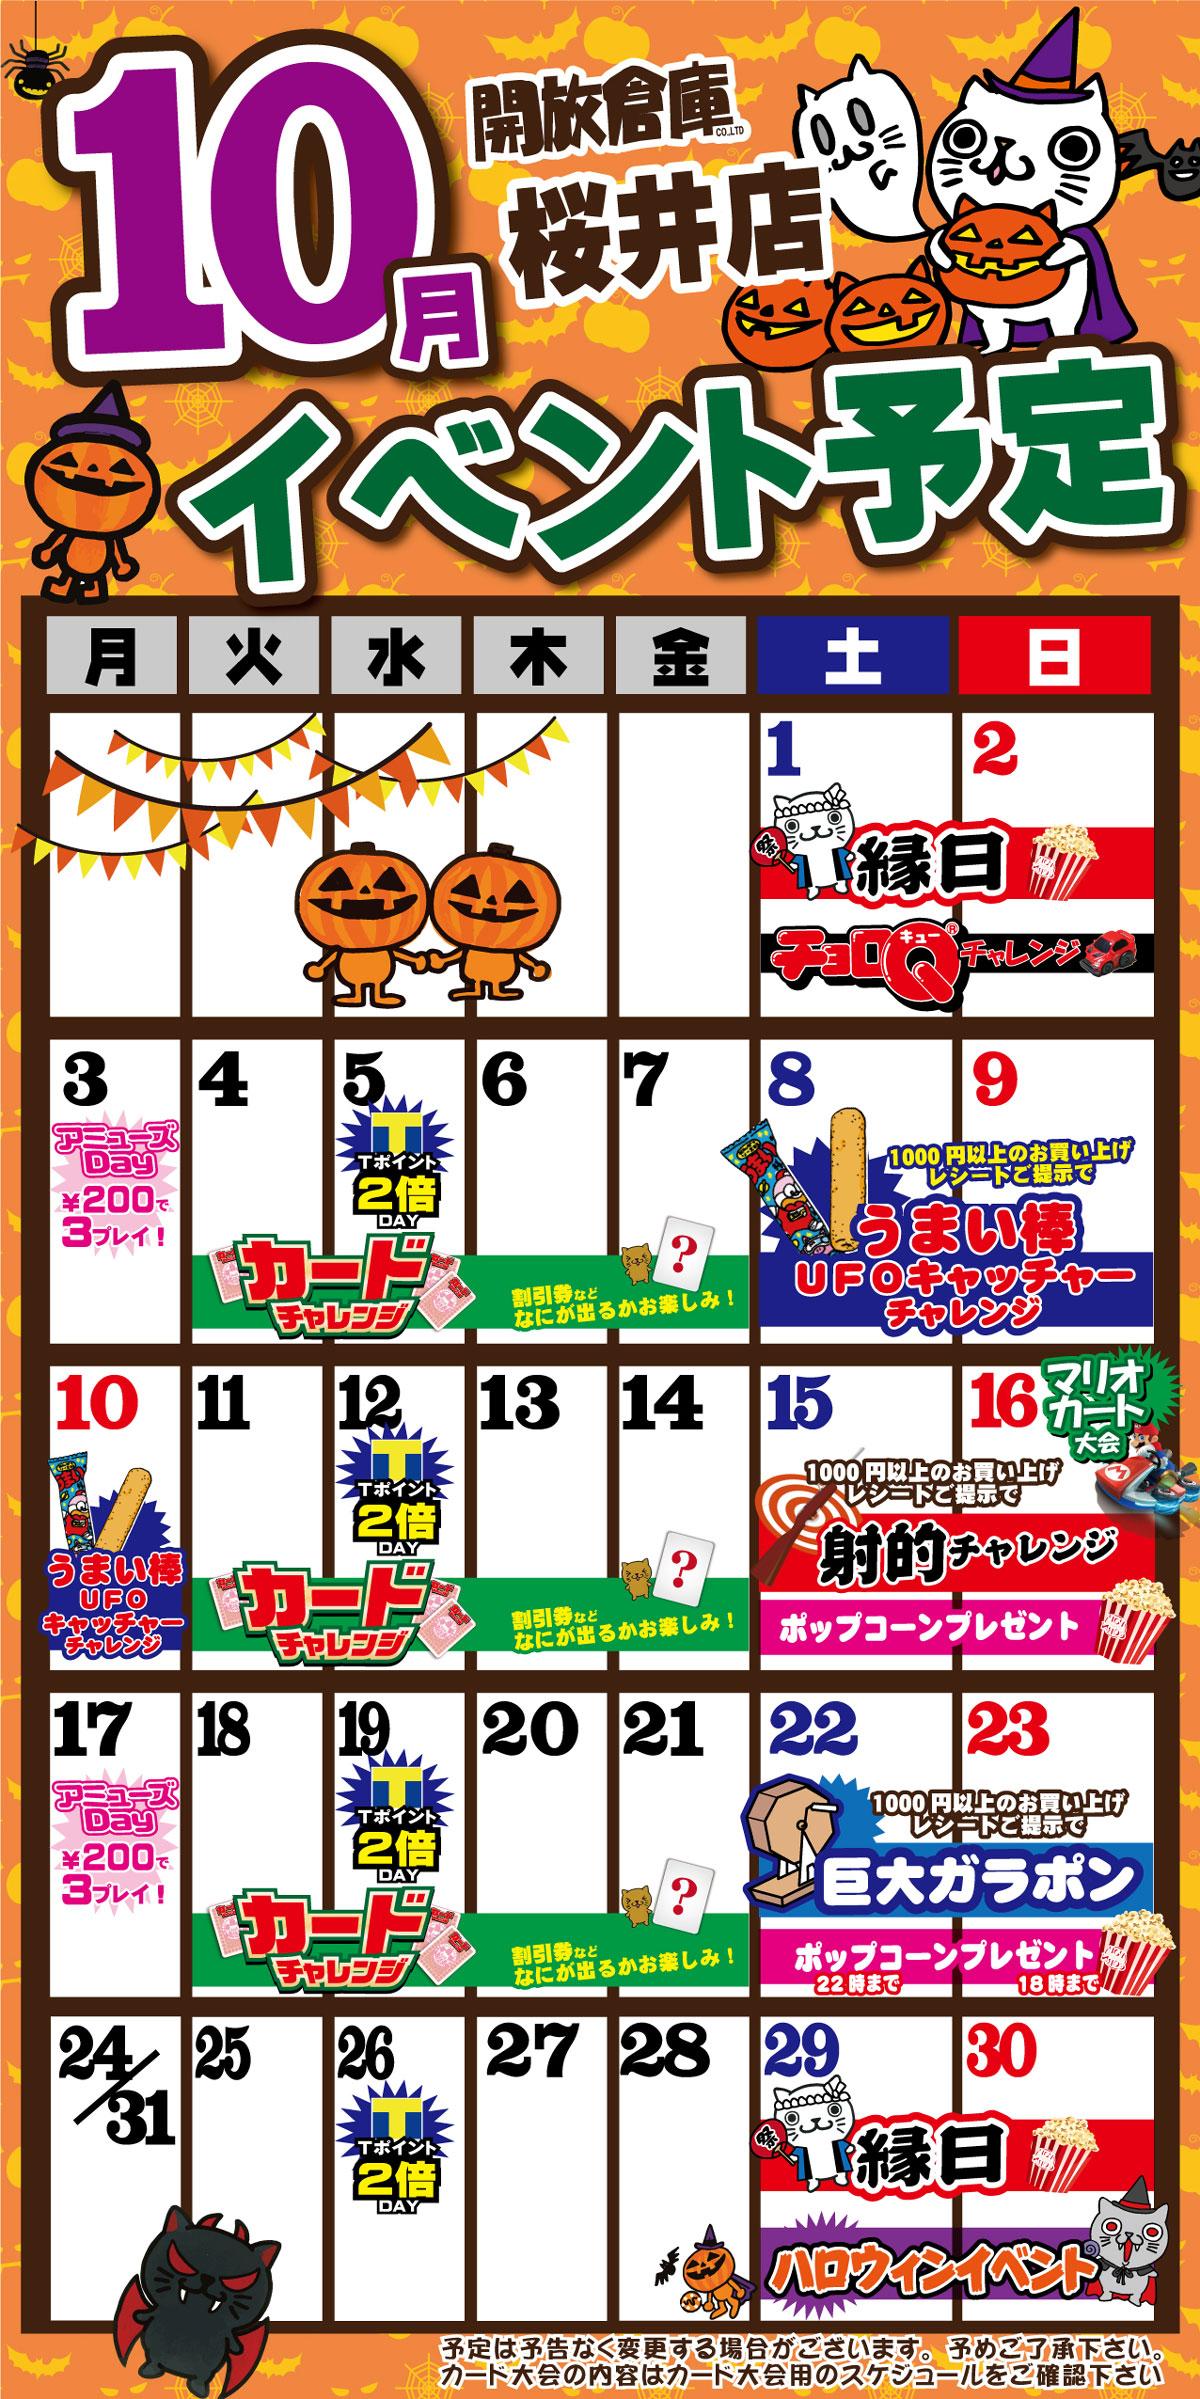 「開放倉庫桜井店」2016年10月のイベントカレンダー公開!